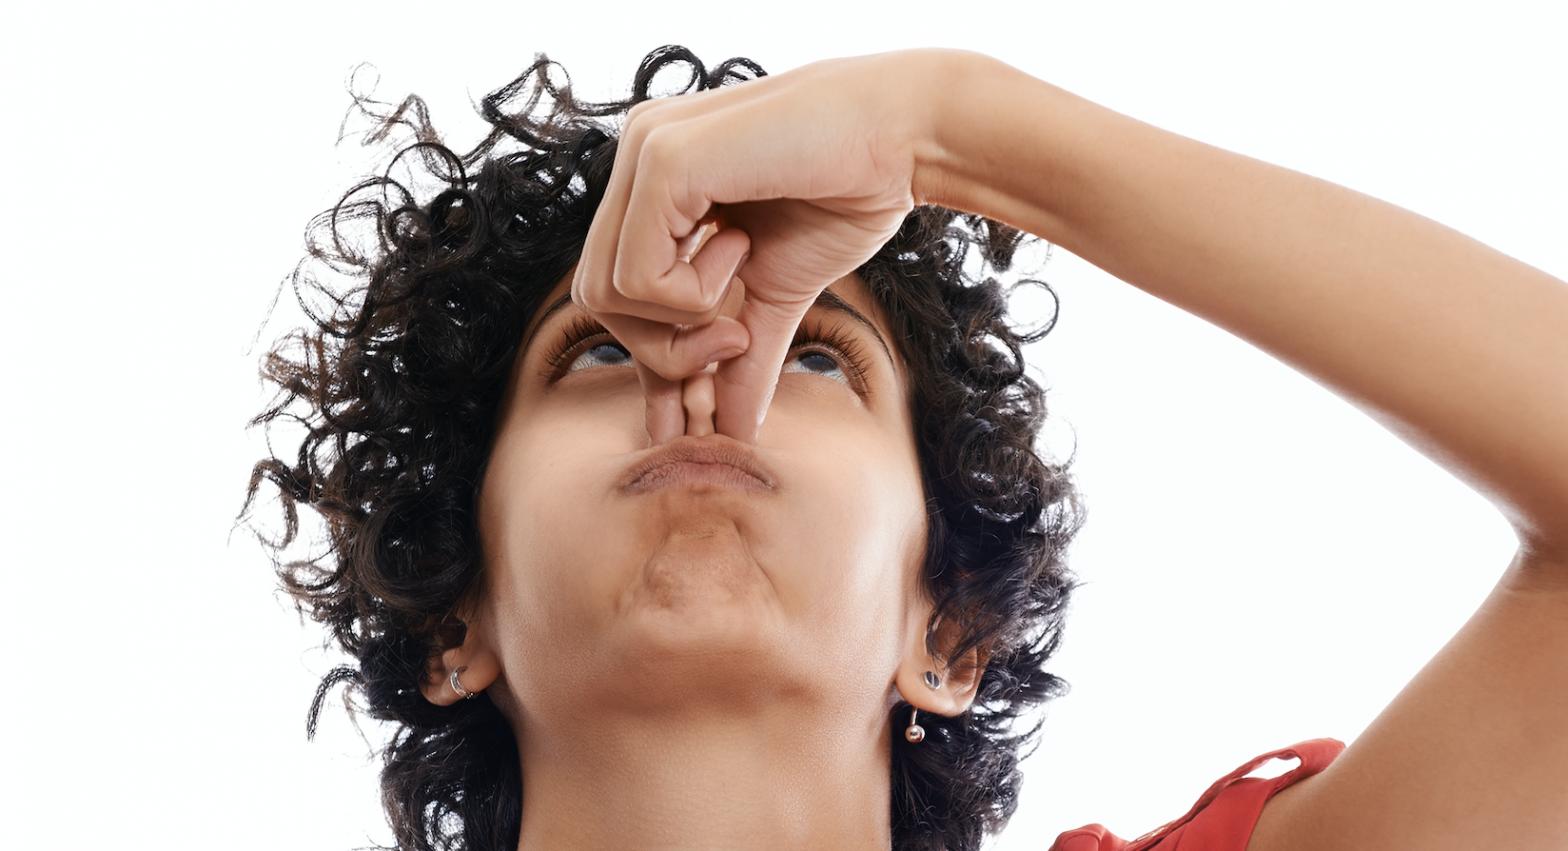 Por qué tienes hipo y qué trucos son los mejores para quitarlo